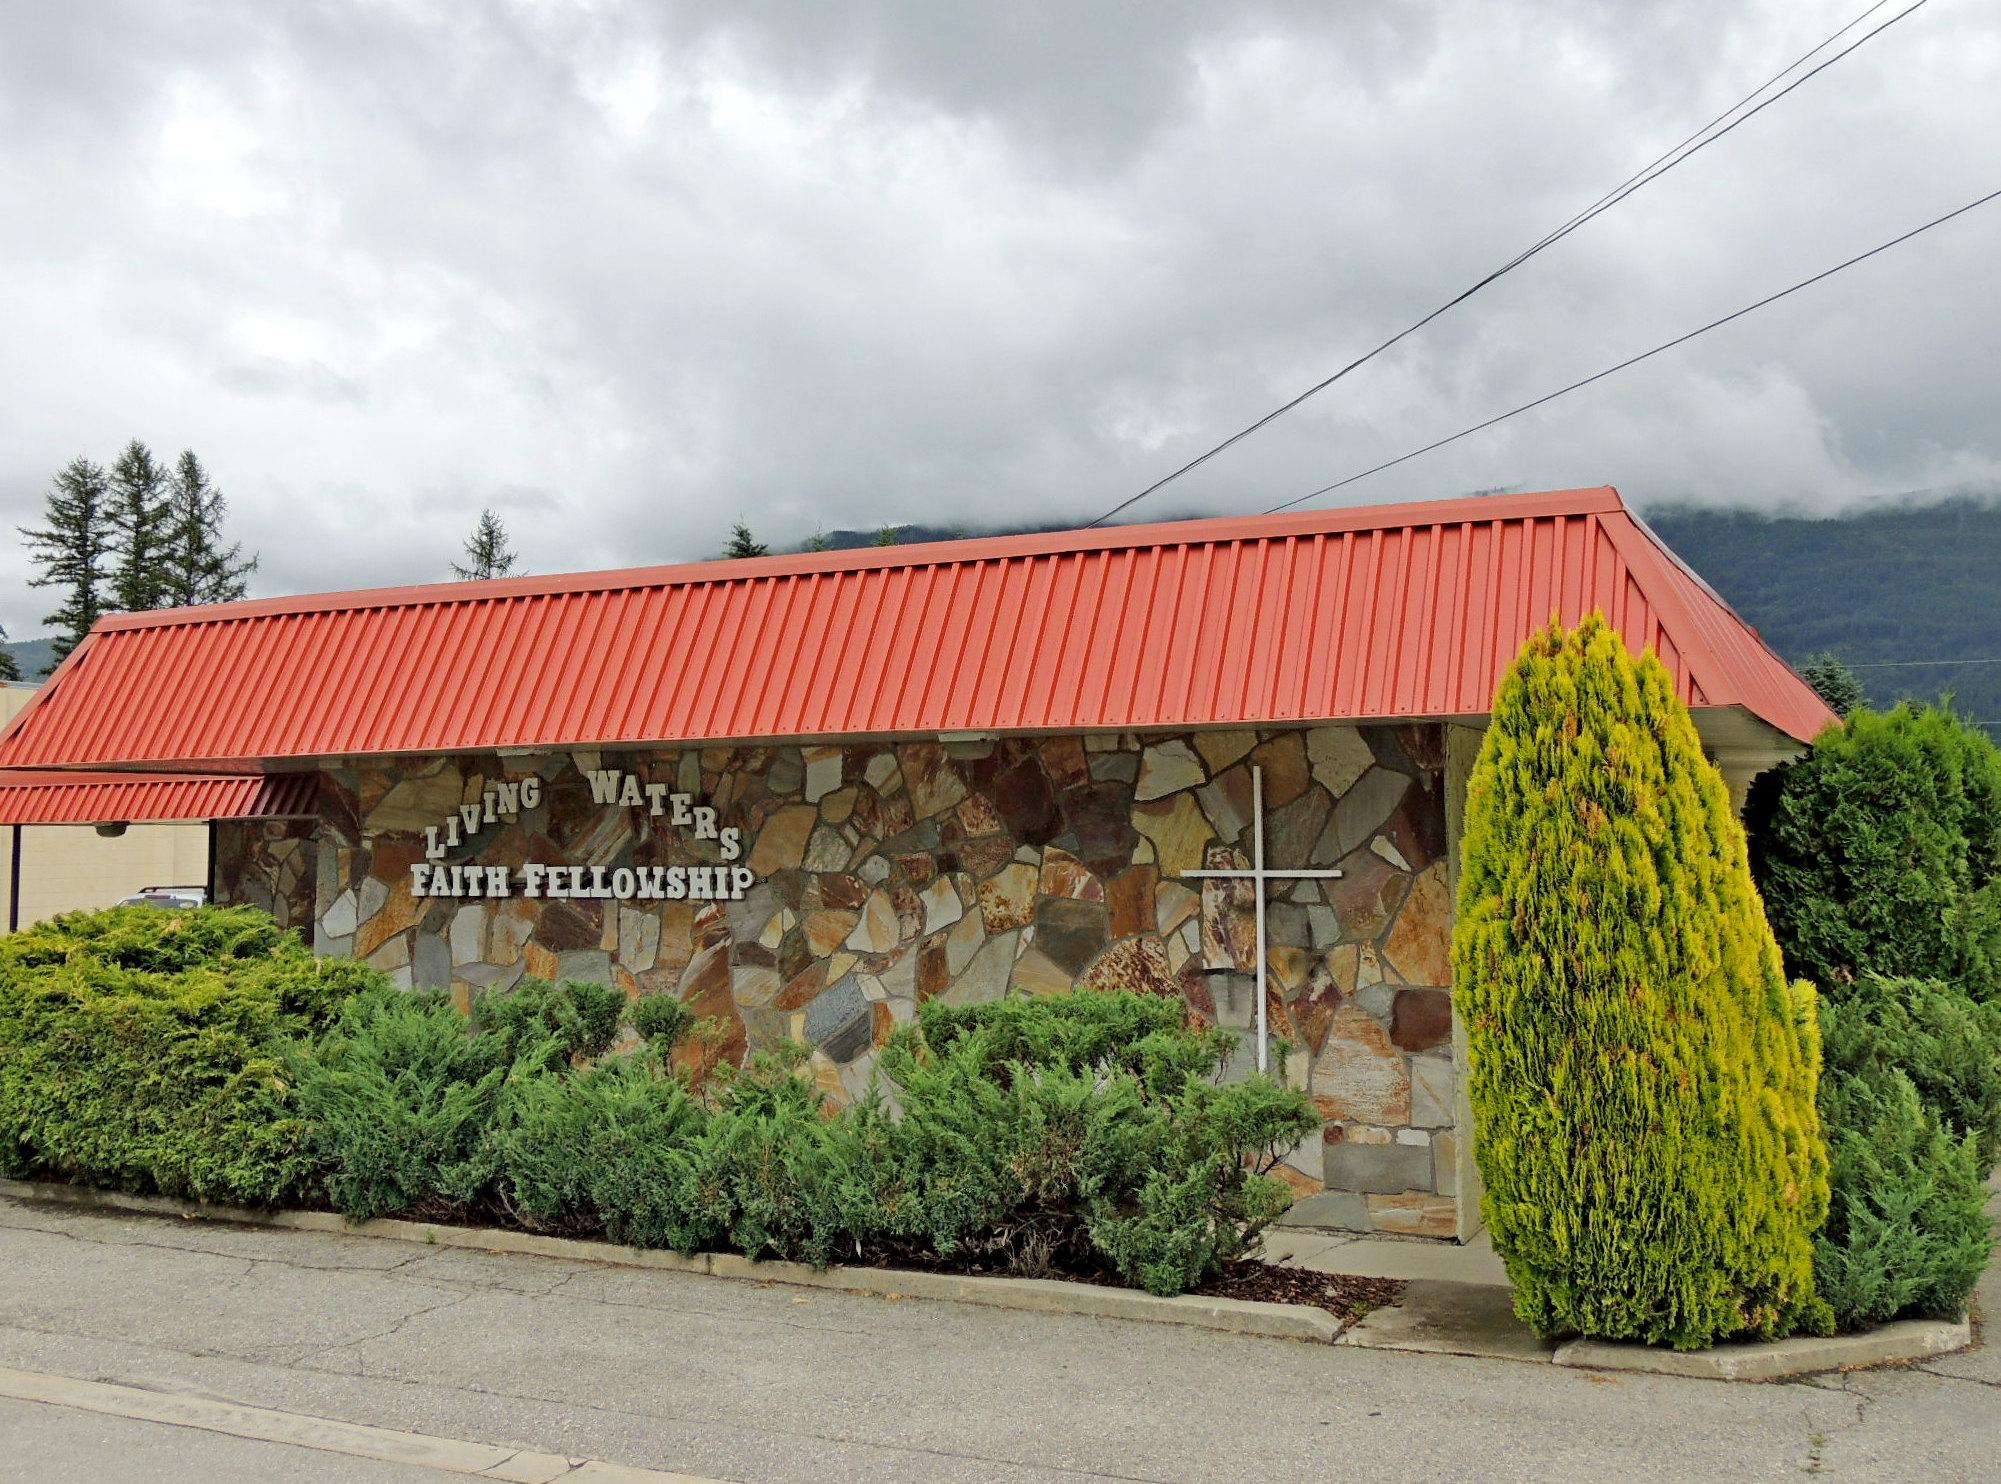 Living Waters Faith Fellowship - Castlegar, BC Photo